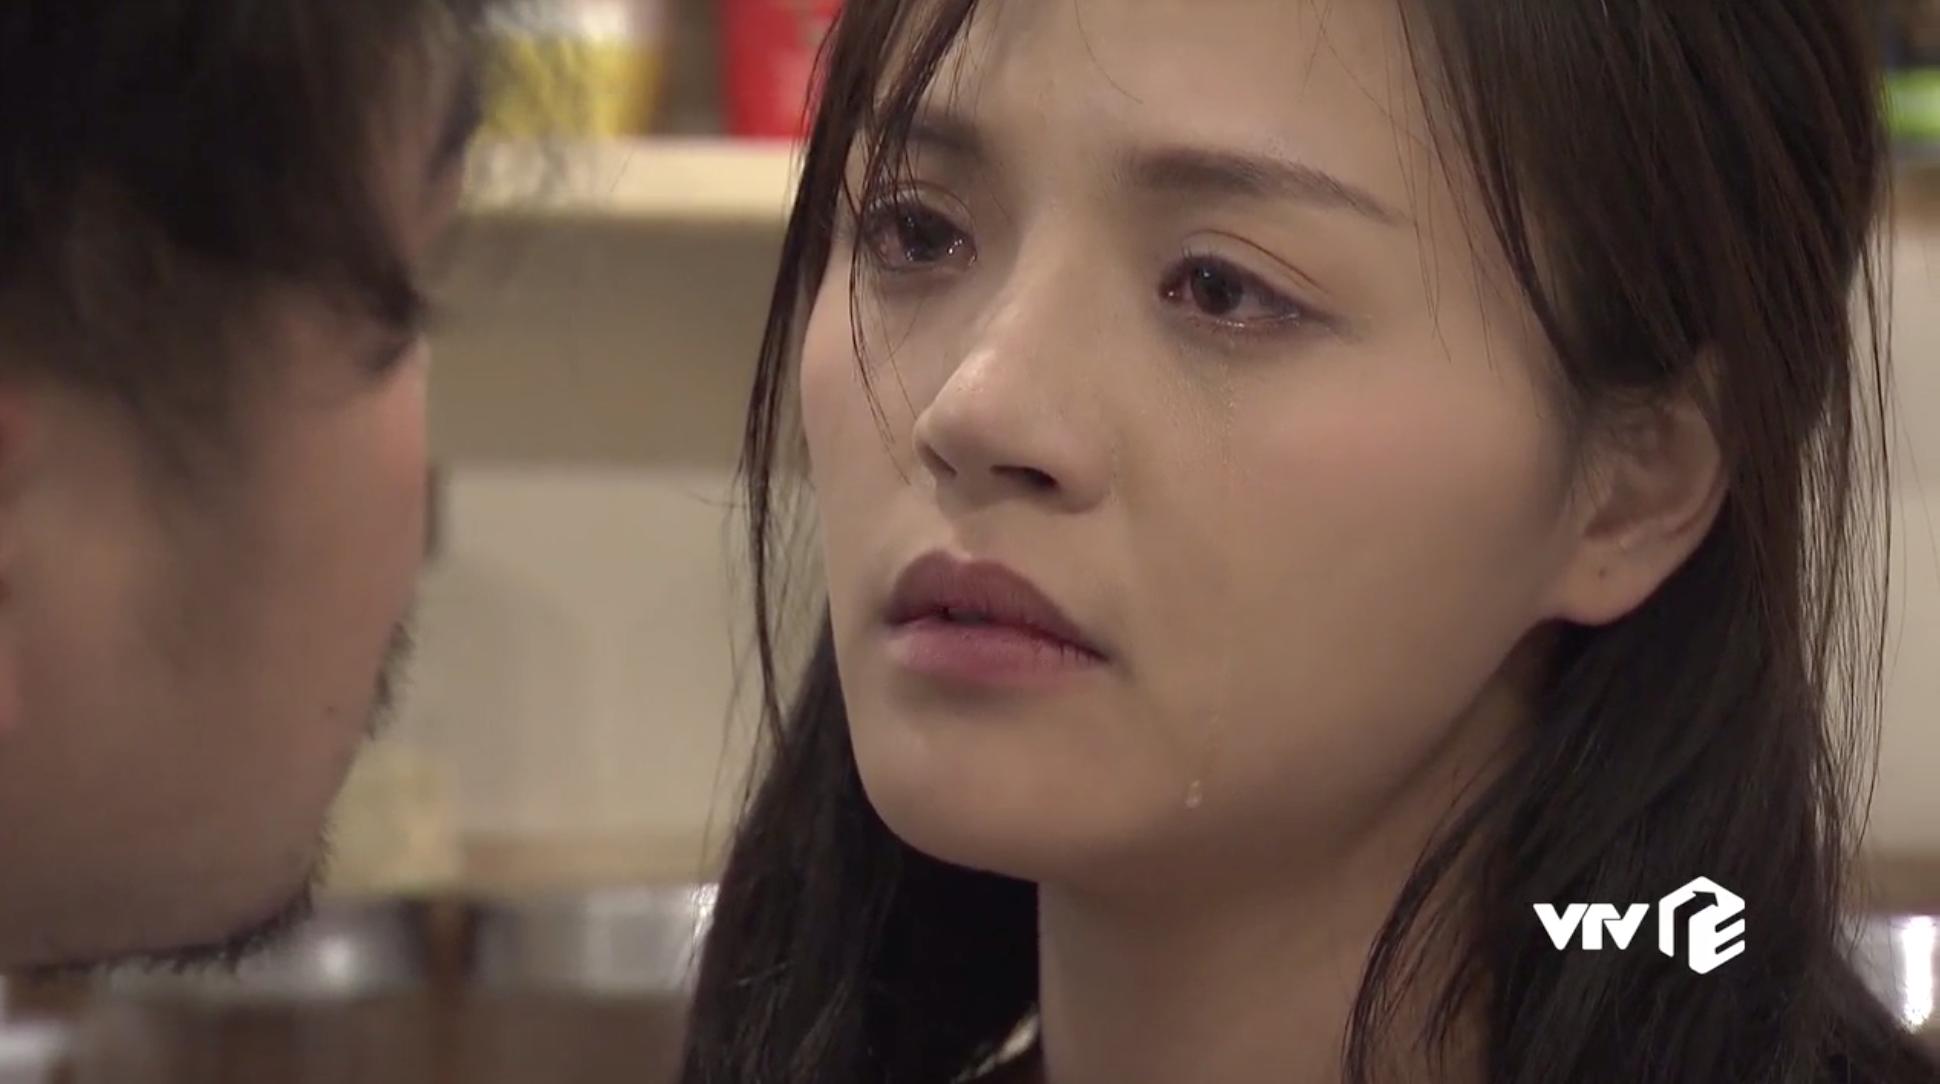 'Về nhà đi con' tập 31: Đang ở bên tình cũ, Huệ bị chồng cảnh cáo đừng để... chửa hoang giống Thư - Ảnh 2